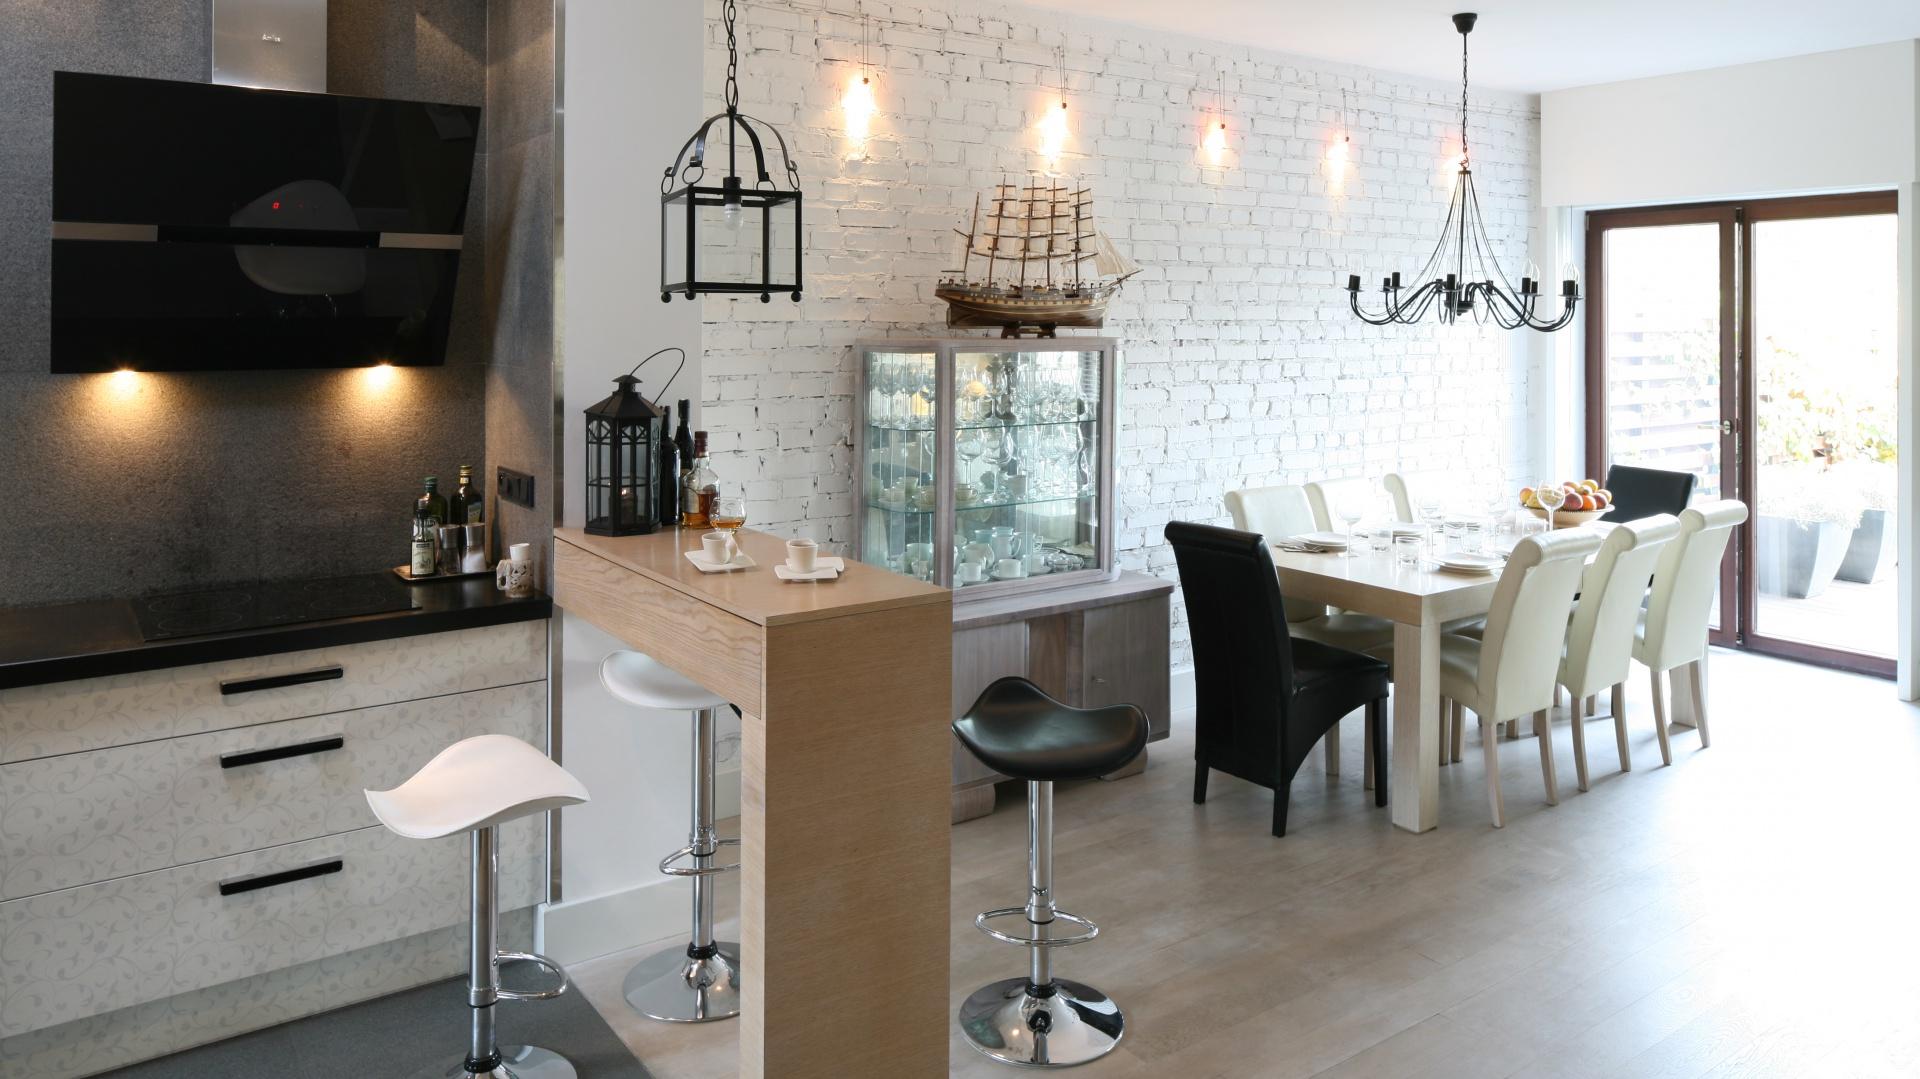 Kuchnia Z Półwyspem 12 Praktycznych Modnych Pomysłów